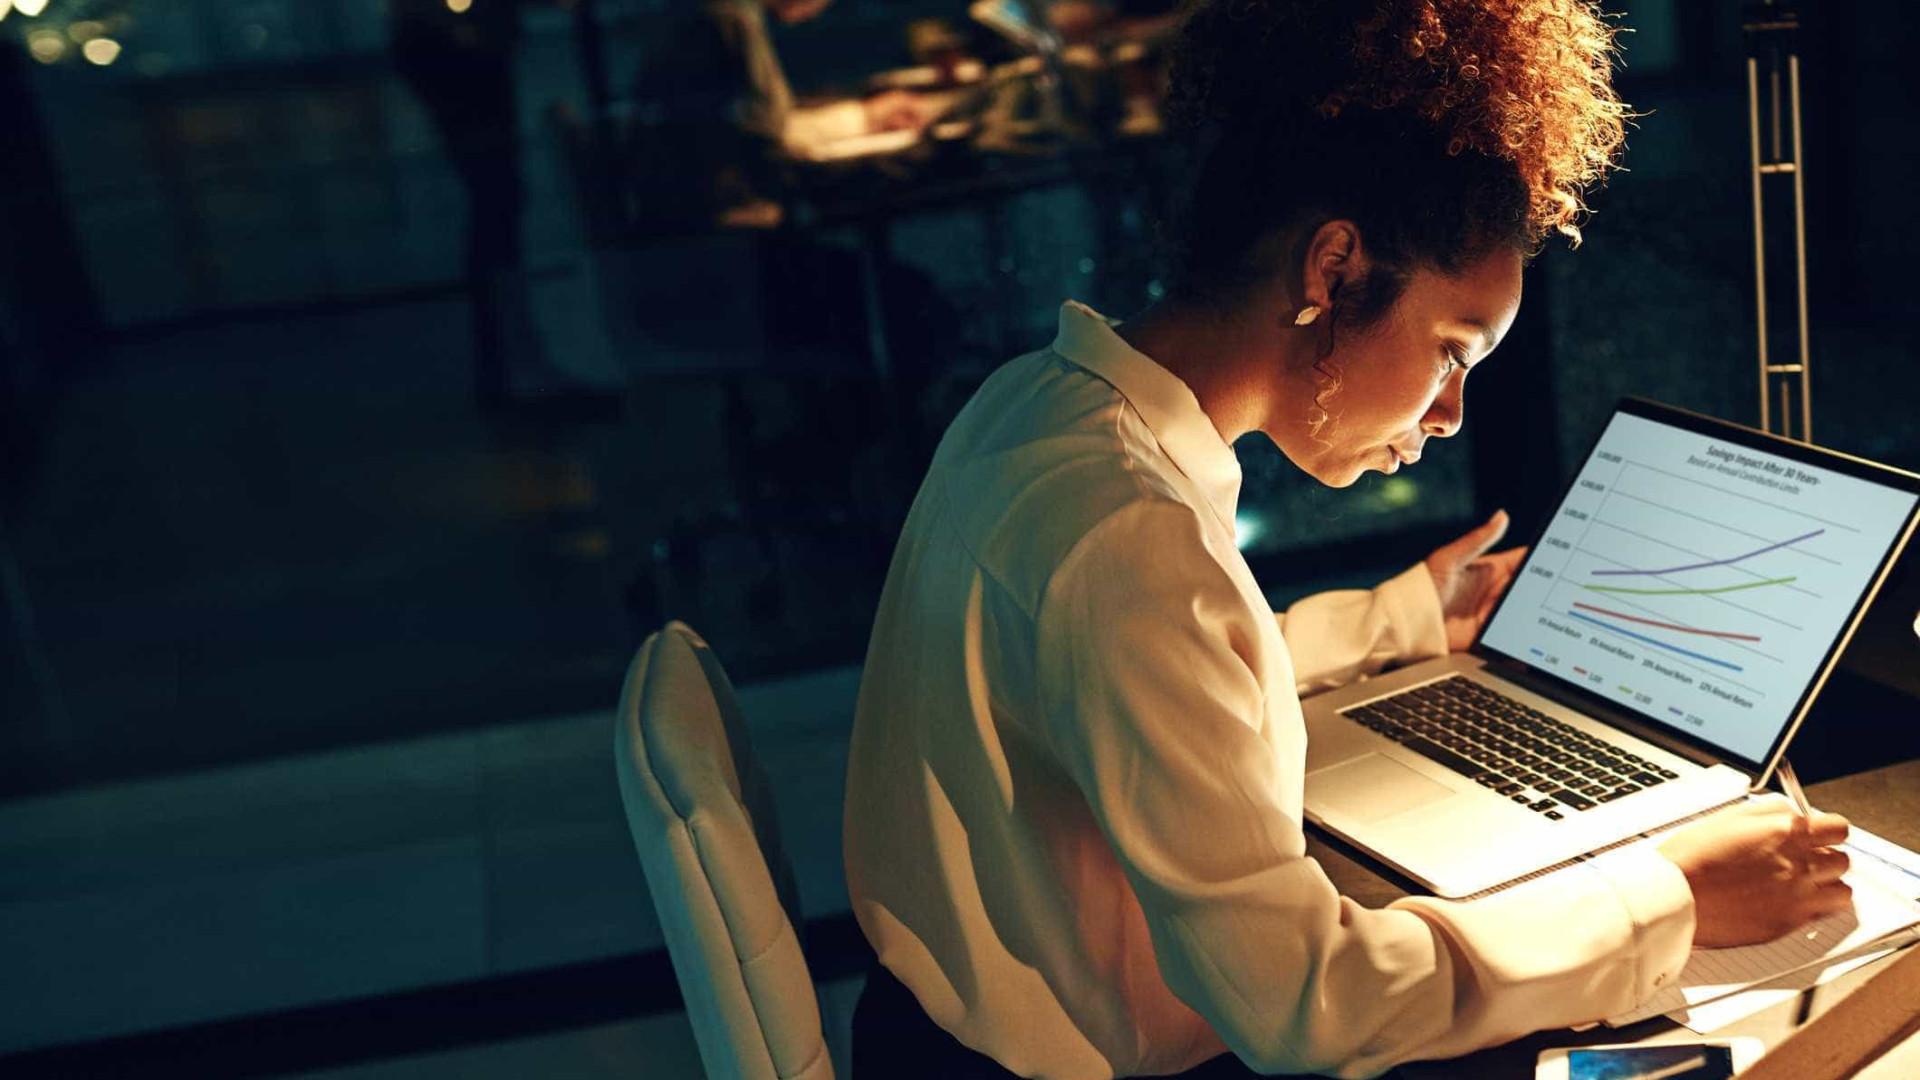 É 'viciado' no trabalho? Veja oito dicas para se libertar